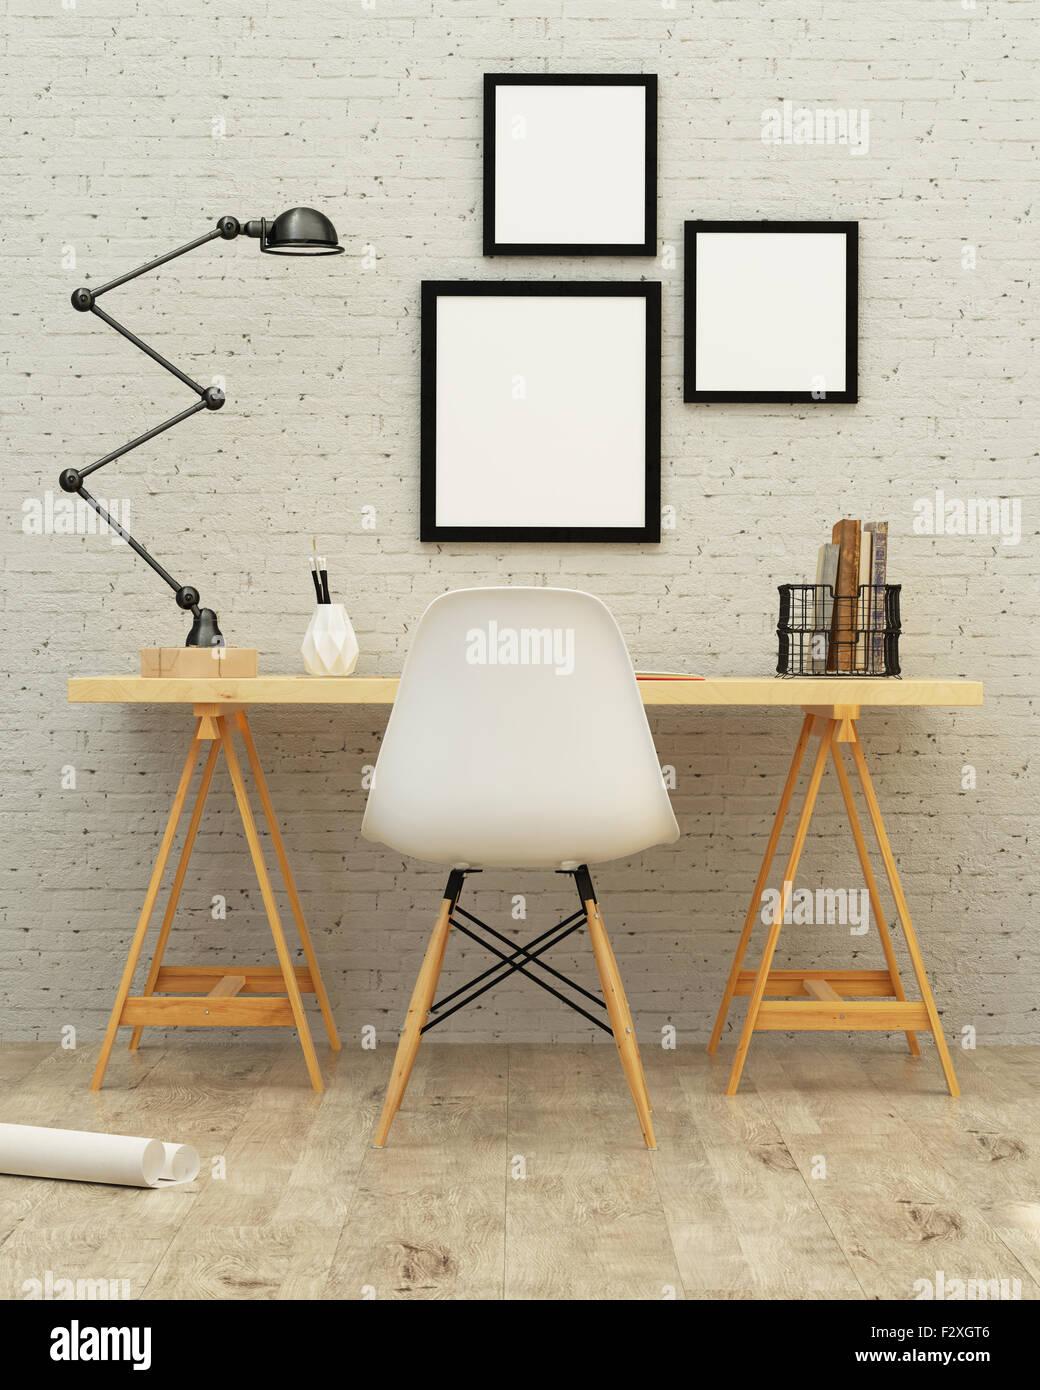 La sala de trabajo diseño de interiores 3D rendering Imagen De Stock